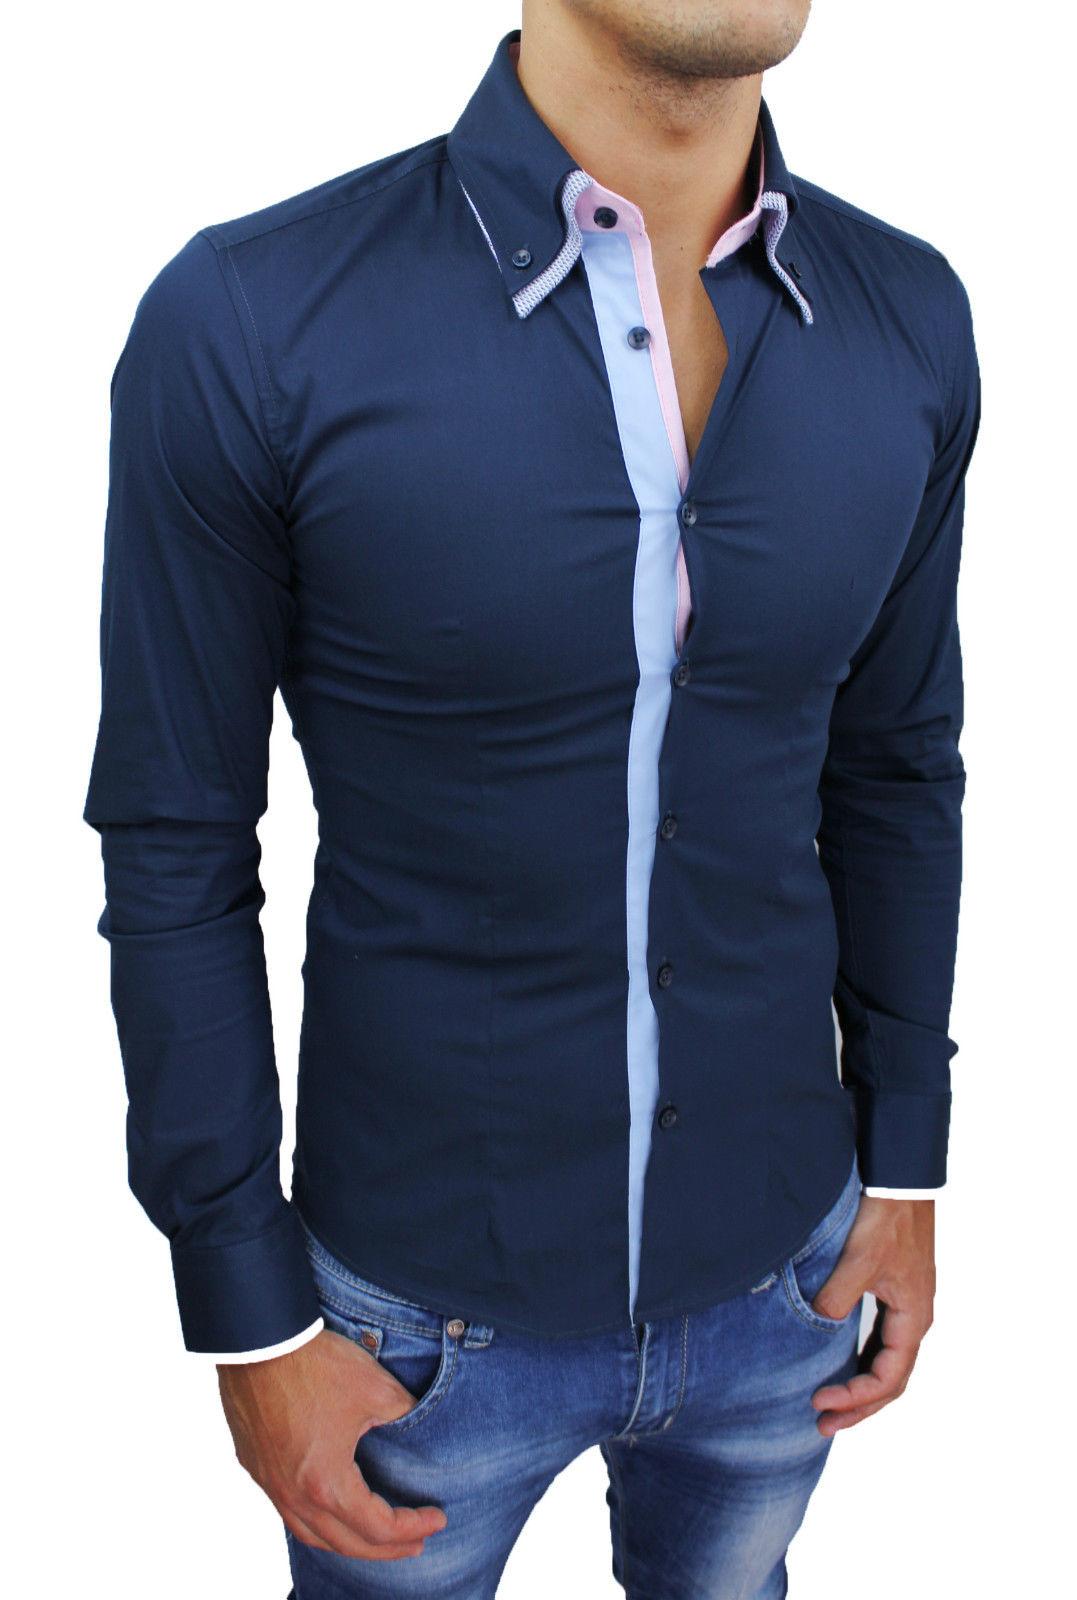 REGNO Unito da donna con apertura sulla spalla Tartan a maniche lunghe Check Camicia